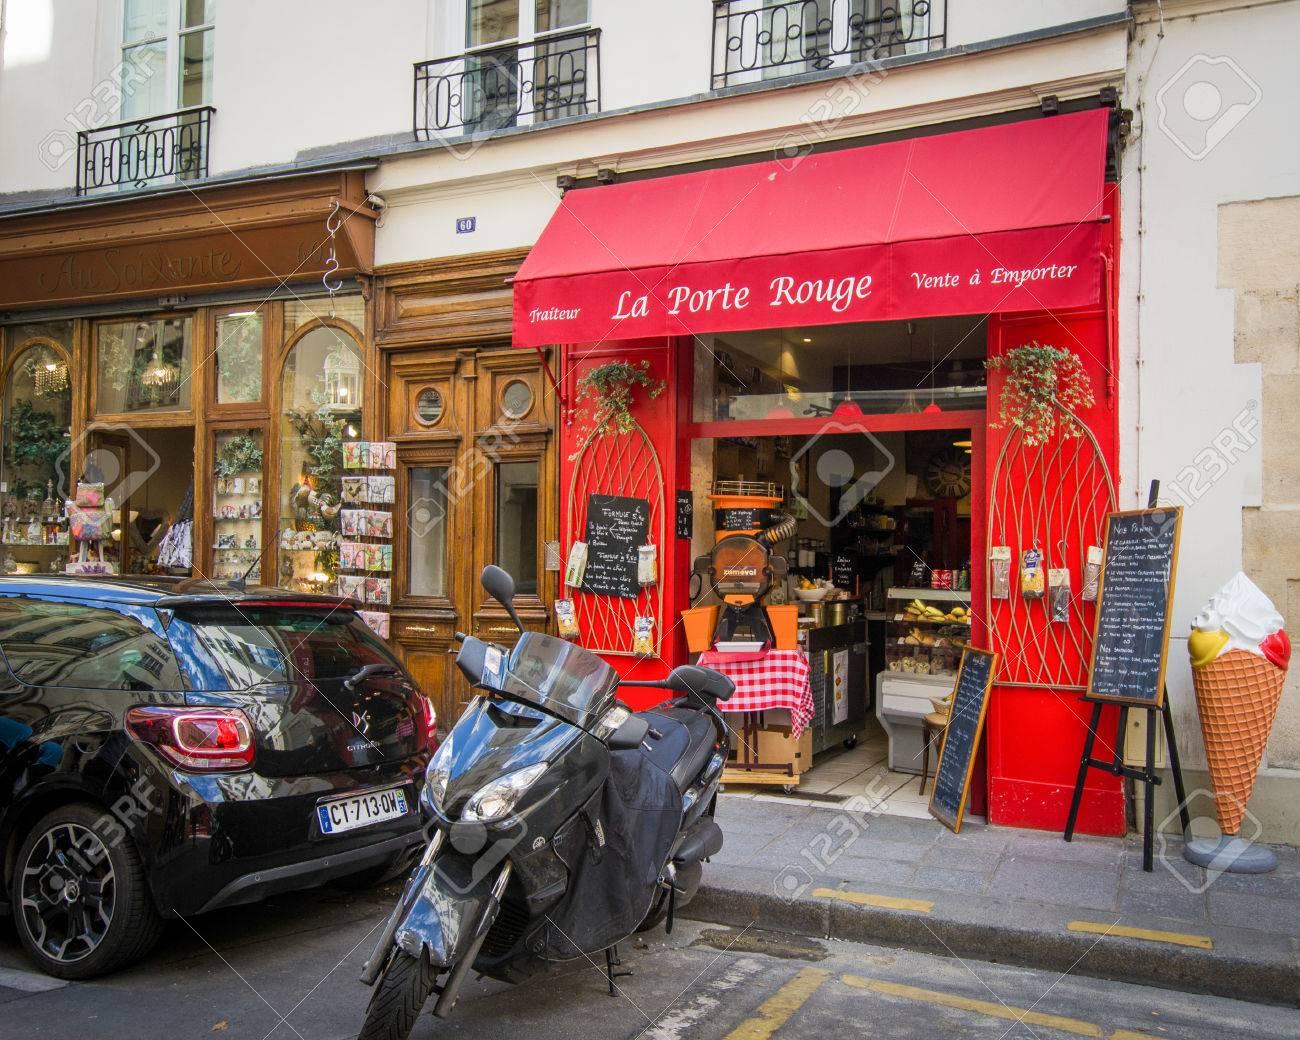 Paris France August 15 2015 La Porte Rouge Is A Tiny Italian